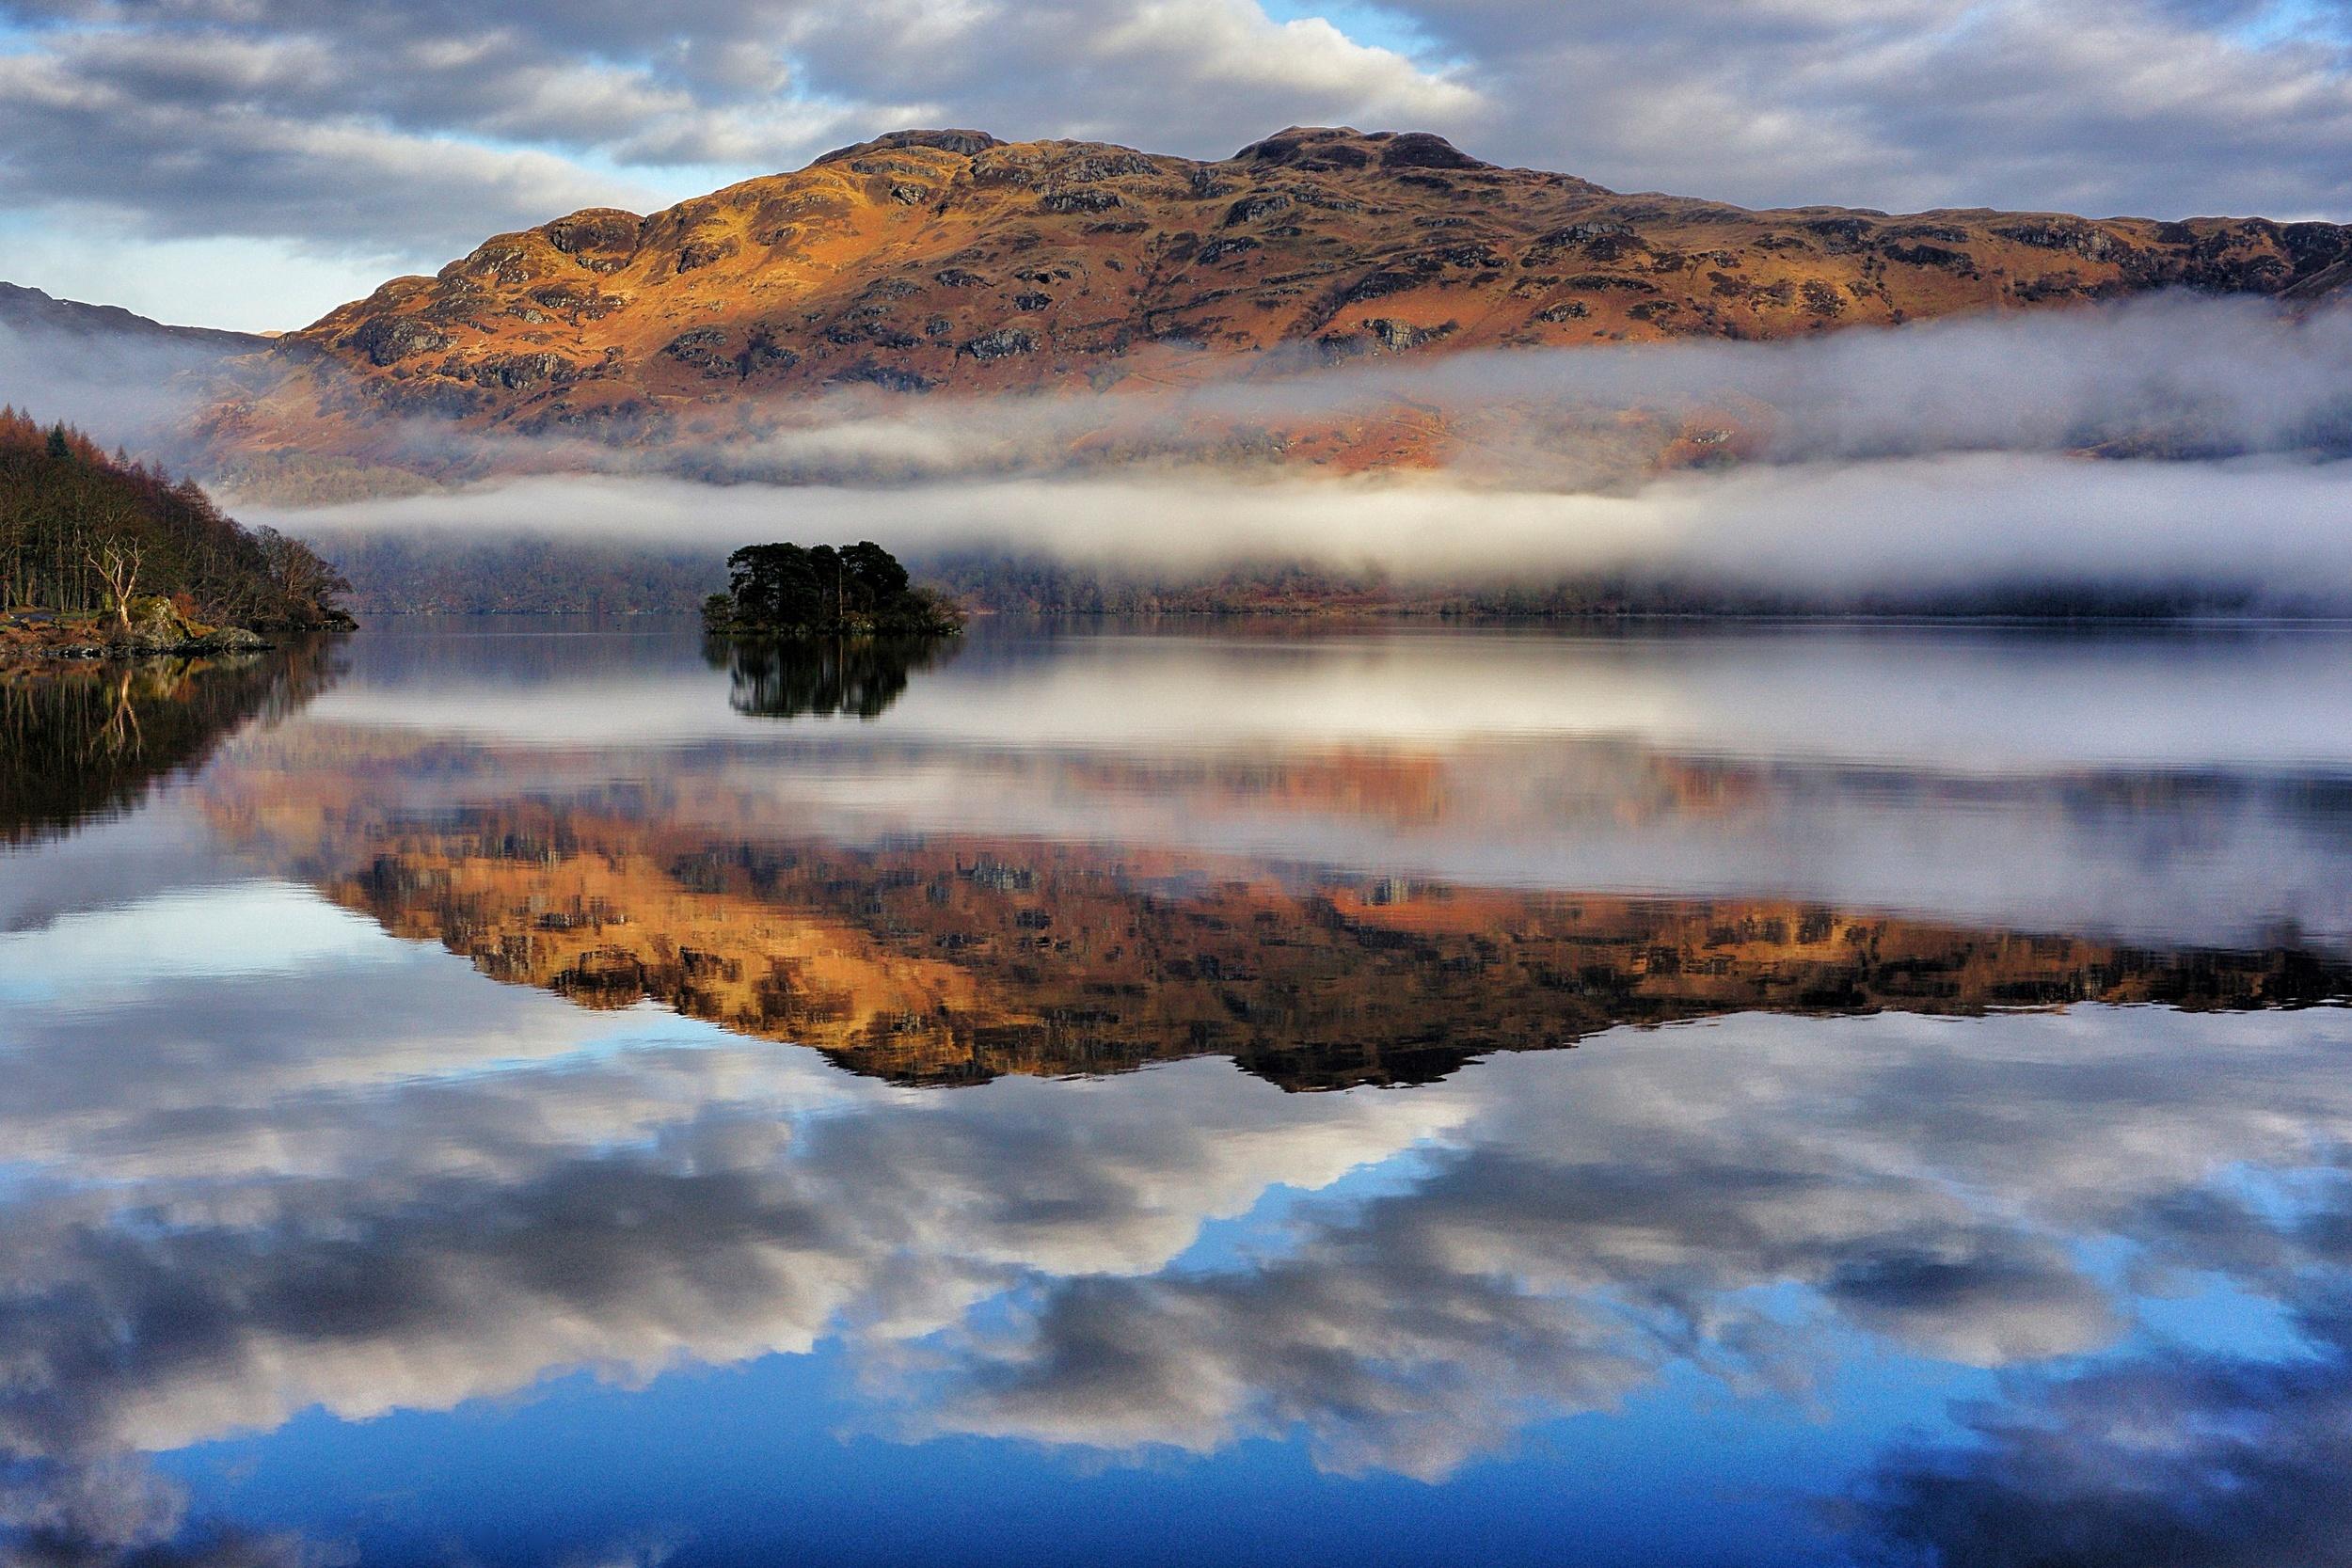 Islands-bound: Loch Lomond    A-900 50mm f1.4